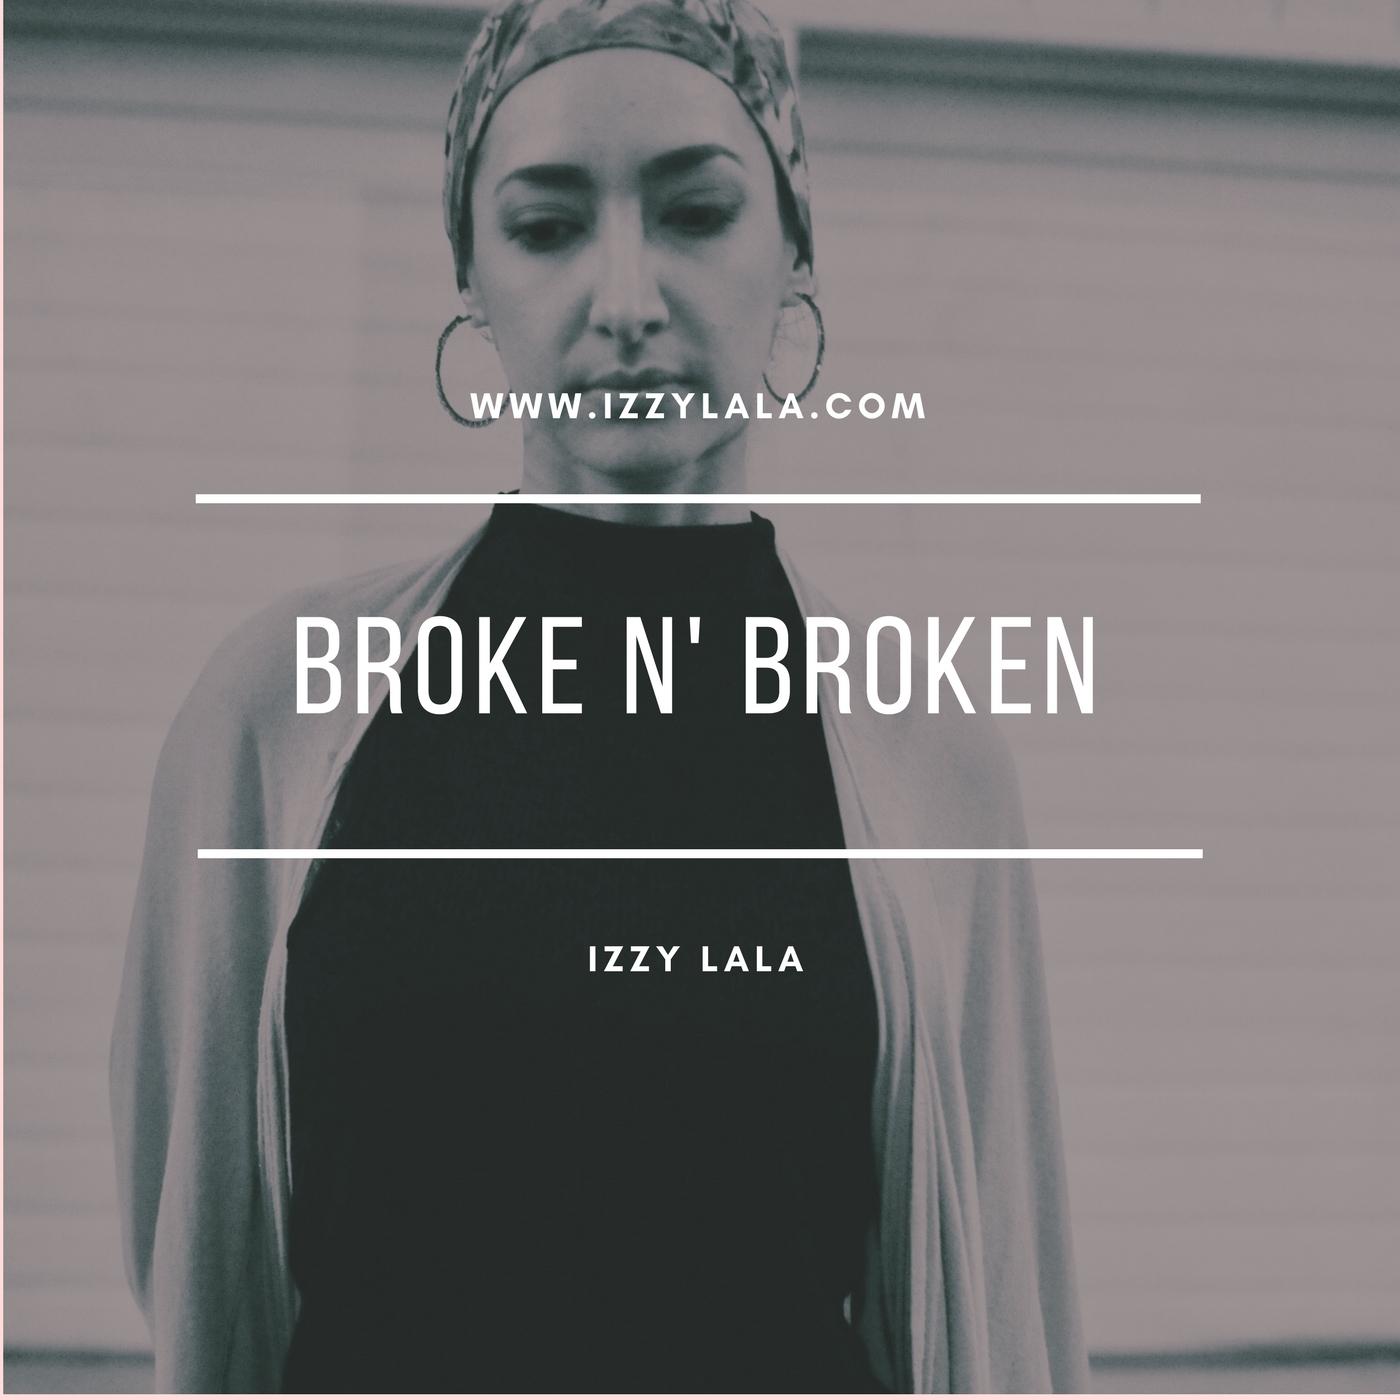 Izzy Lala pic Broke N' Broken  (1).jpg